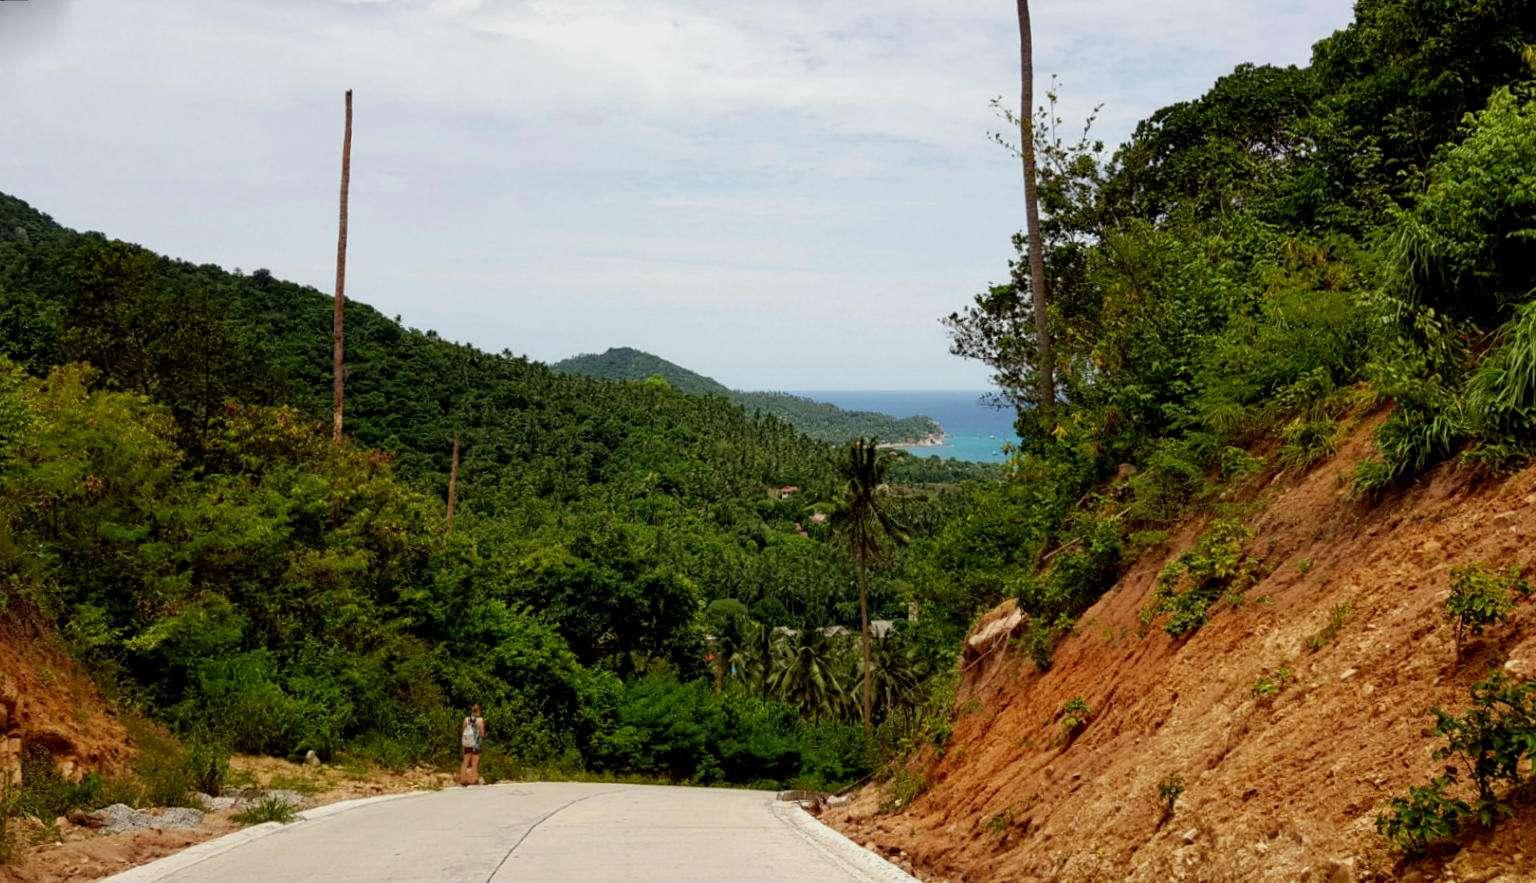 meisje lopend over weg van beton naar Mango Viewpoint